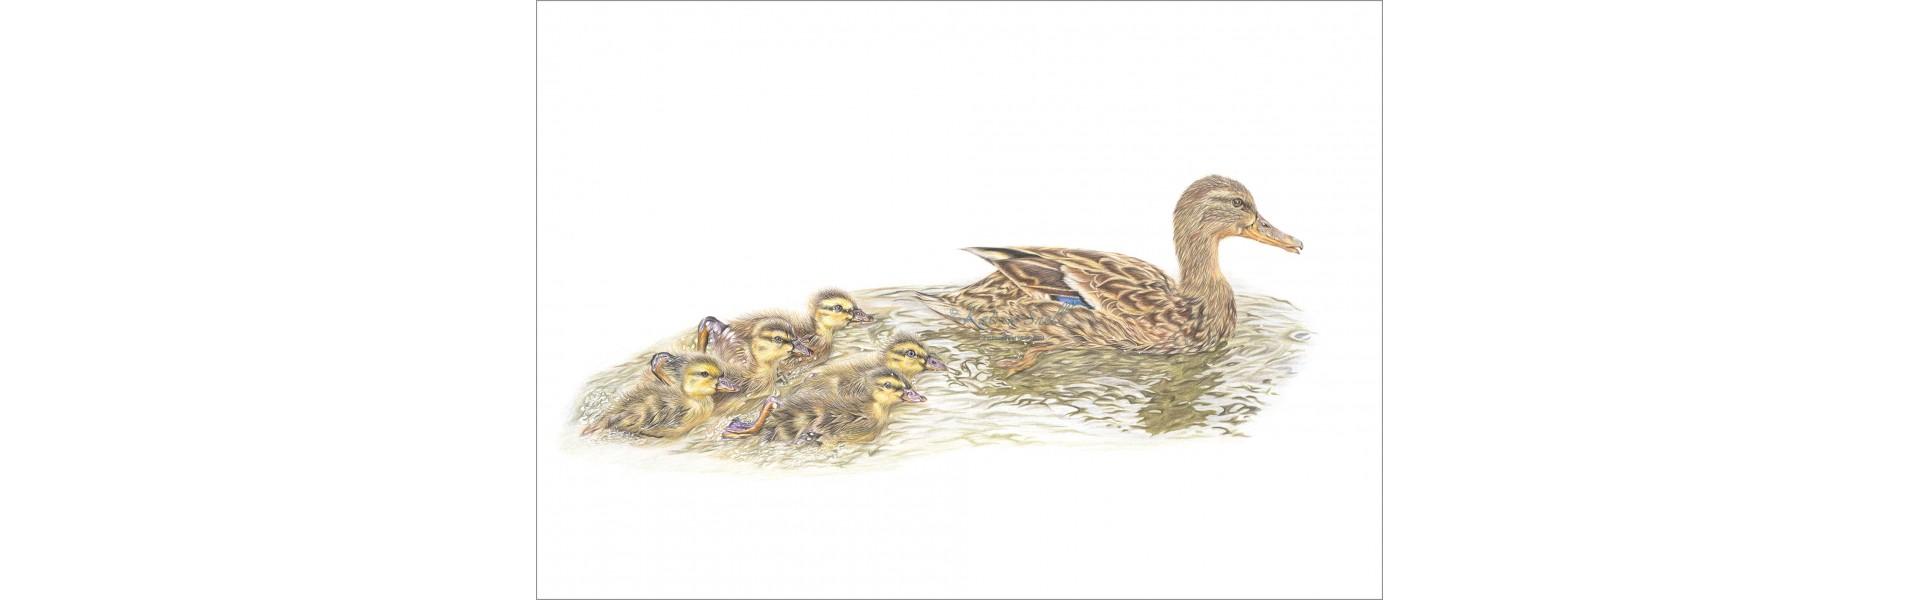 Mothers little ducklings